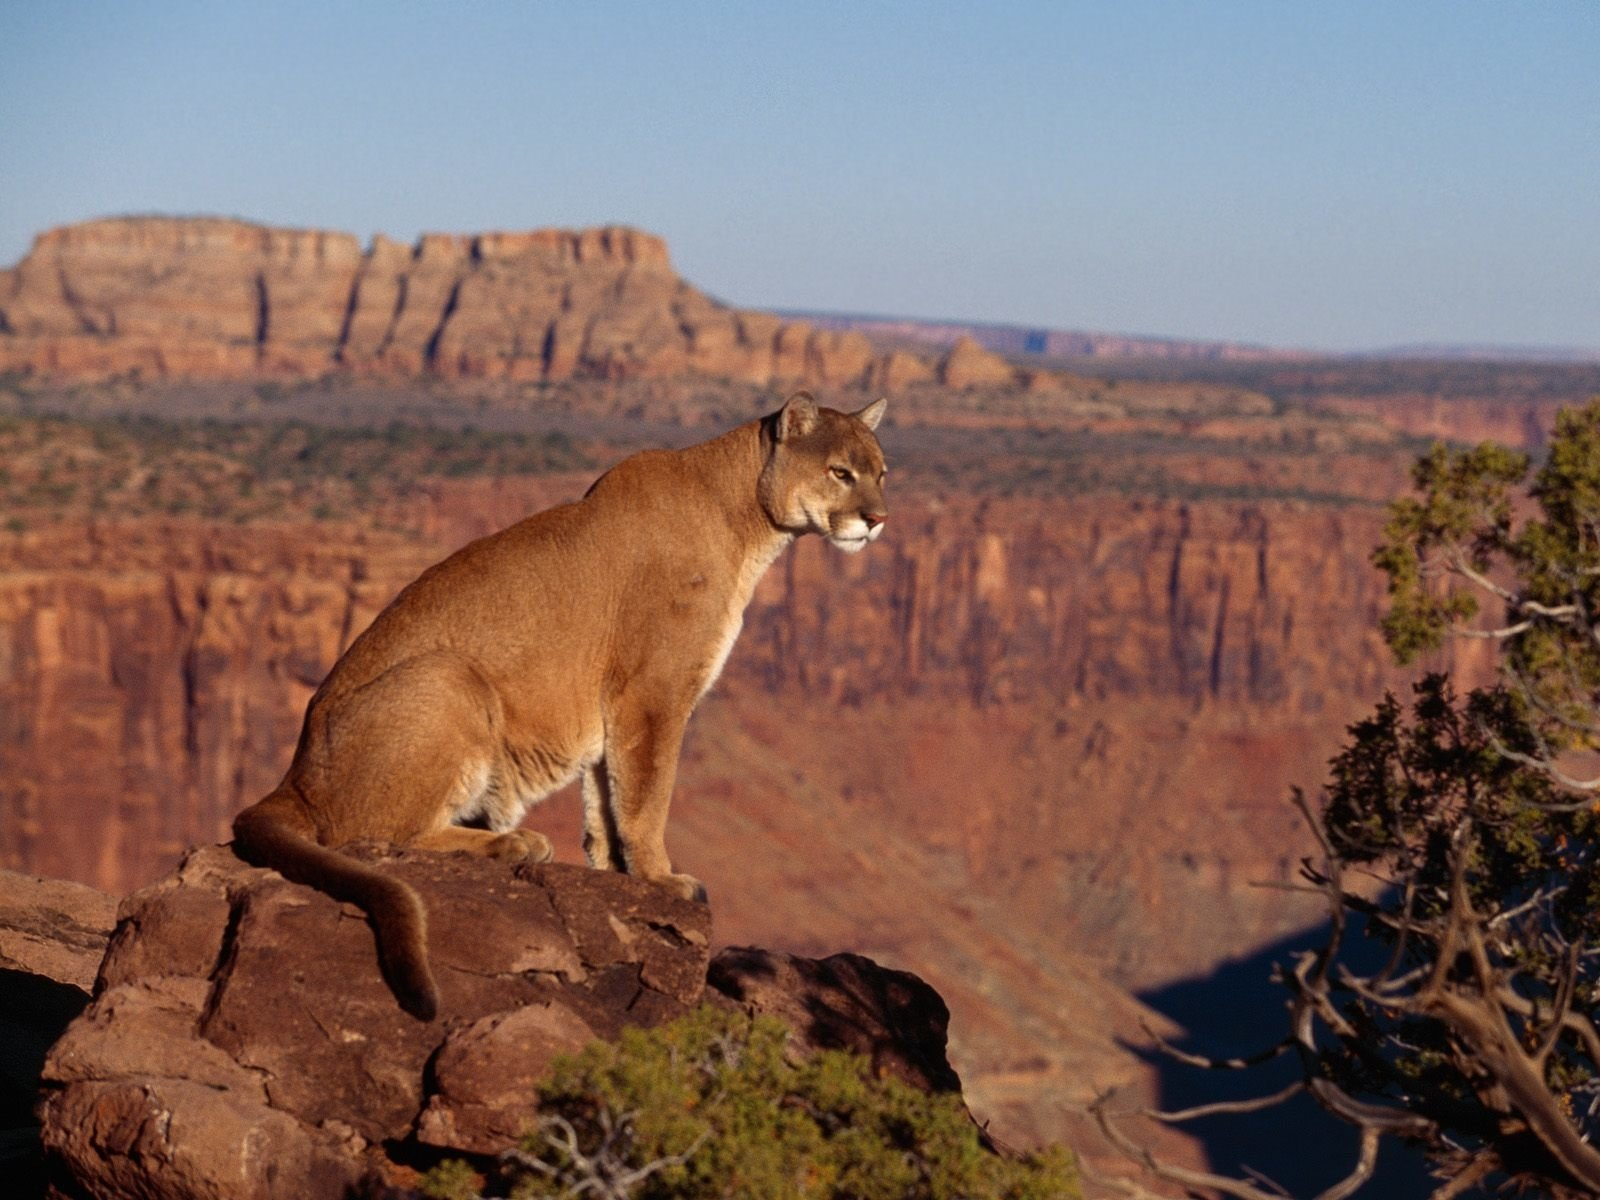 Animaux - Puma  Fond d'écran